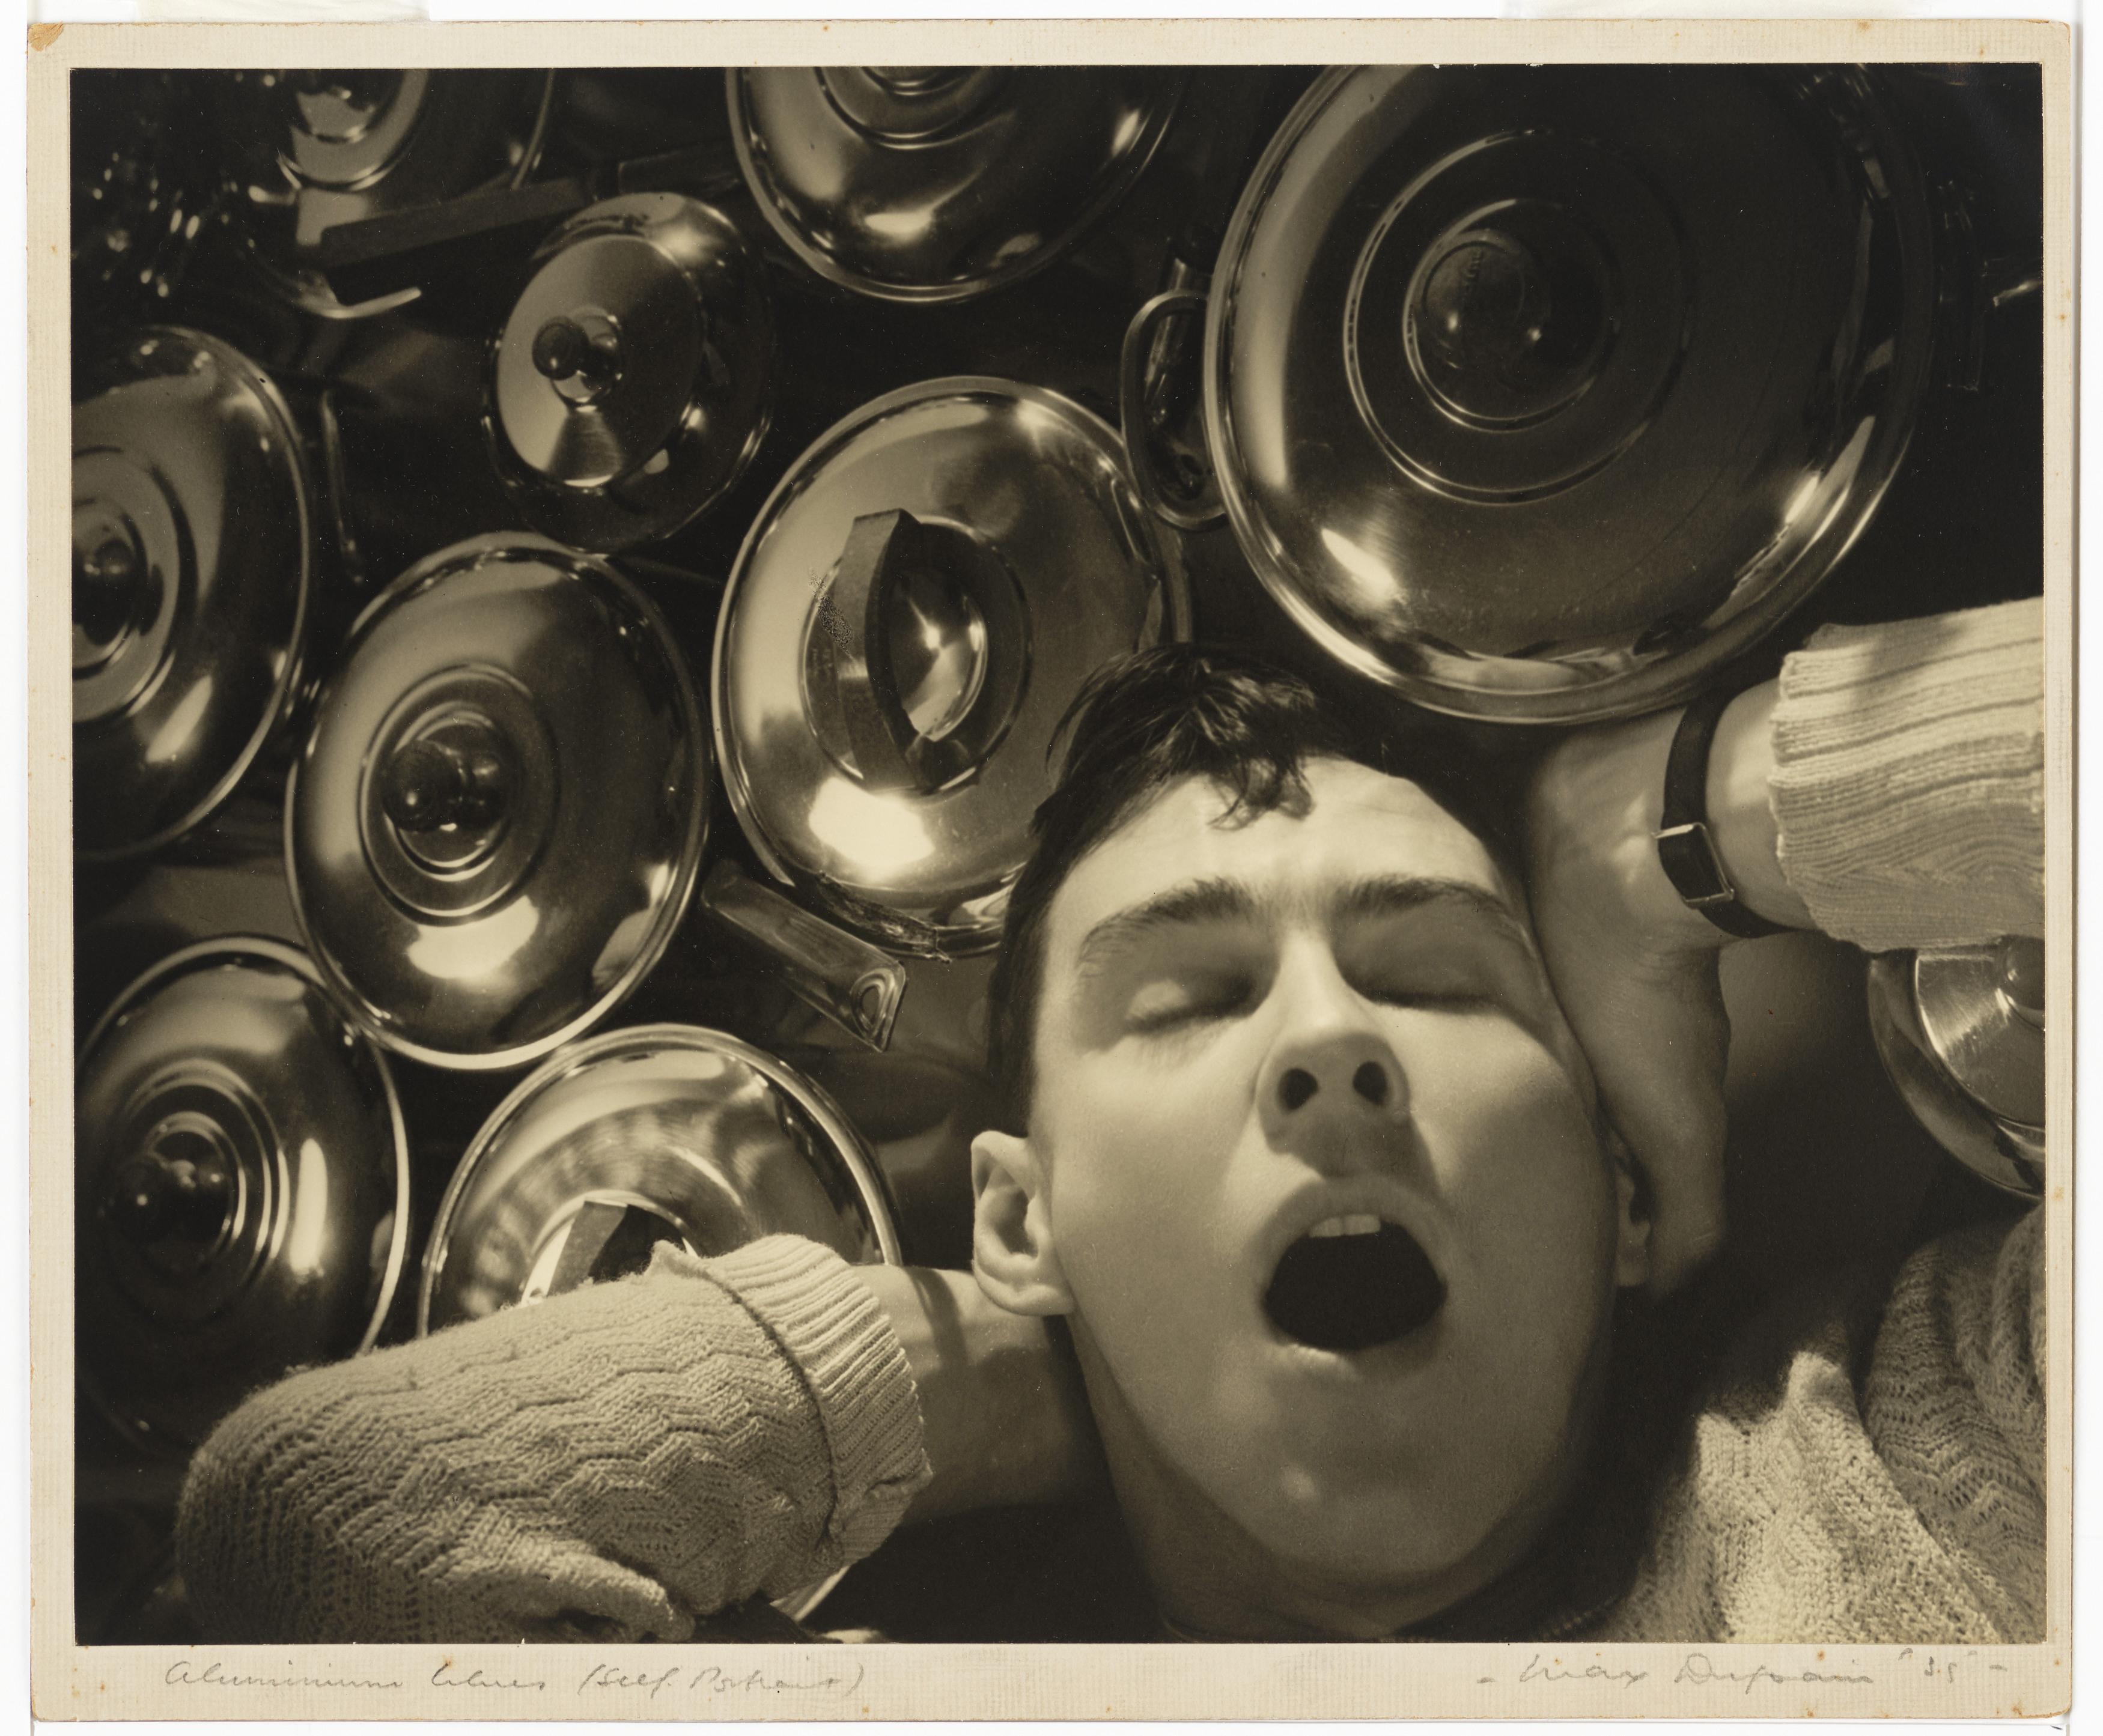 Aluminium blues (self portrait), 1935, by Max Dupain